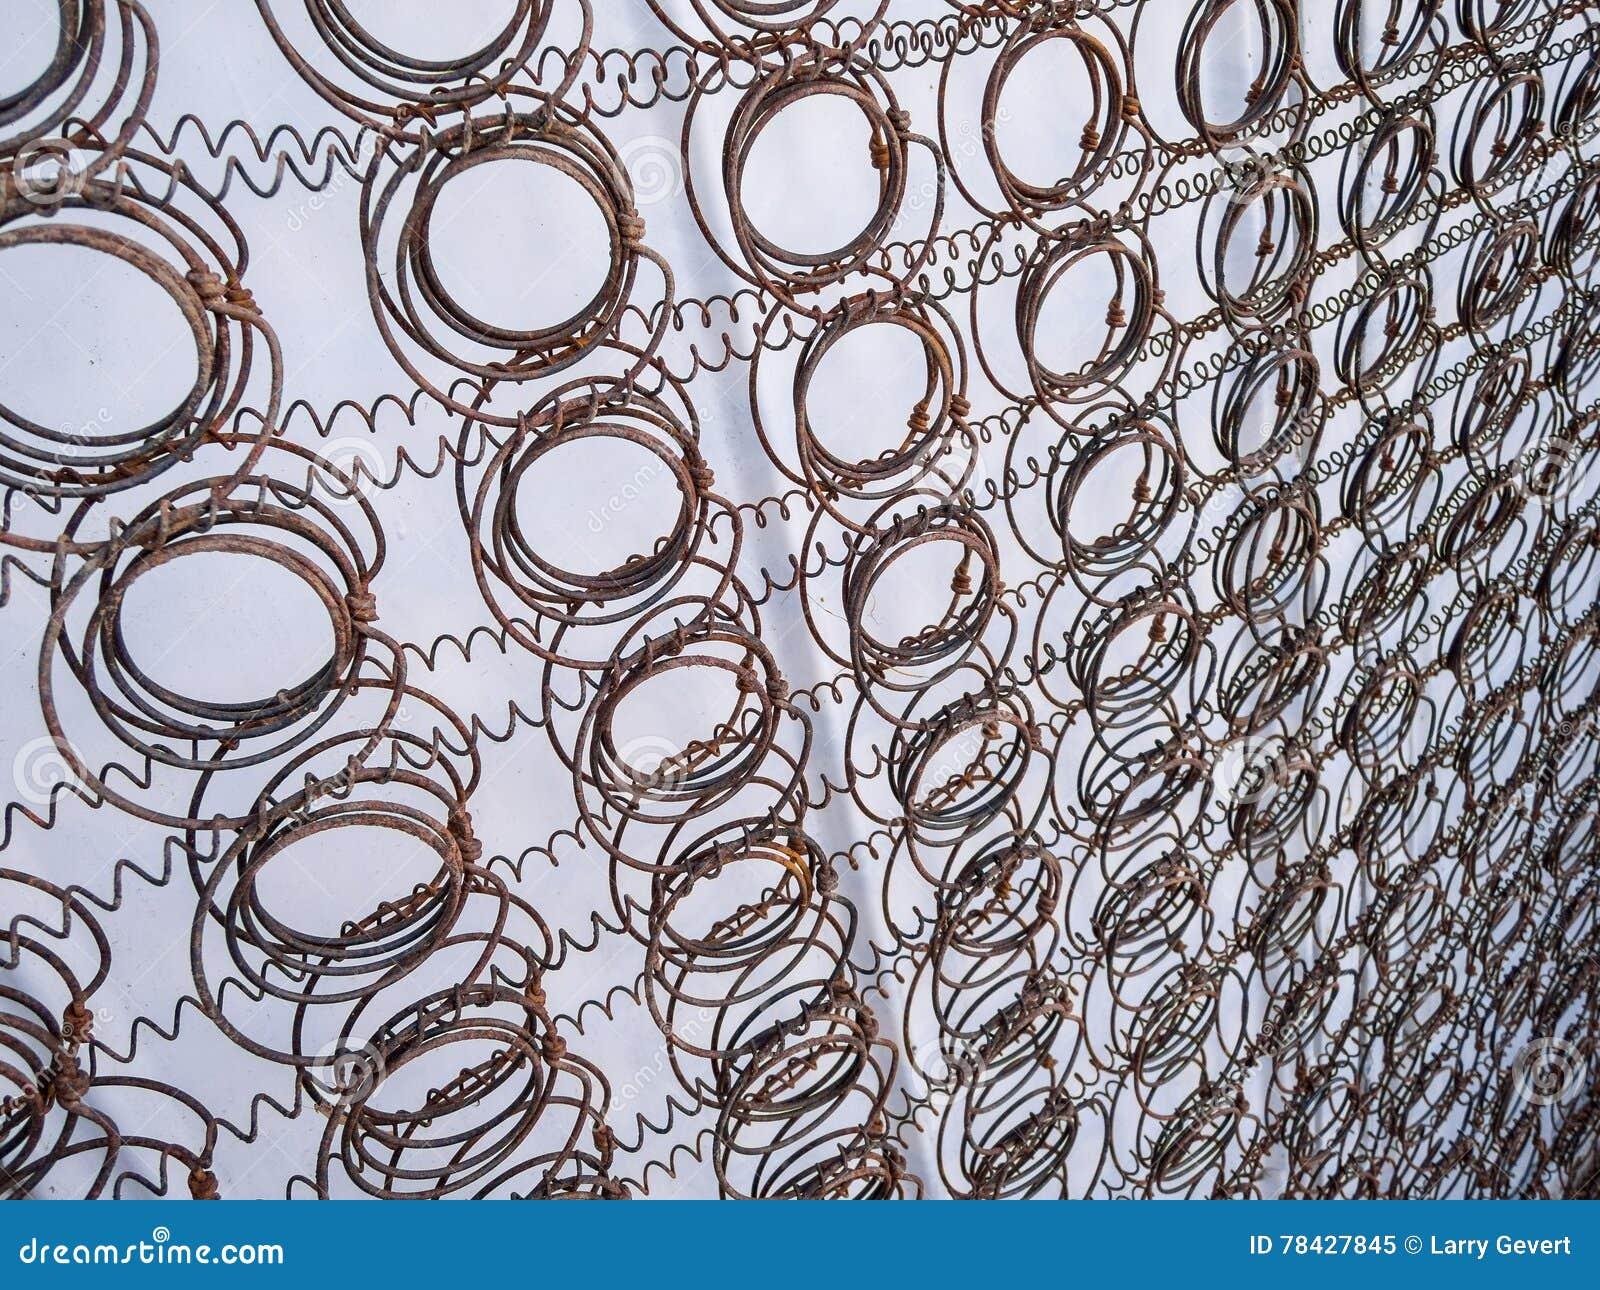 Mattress Spring Pattern Stock Image Image Of Natural 78427845